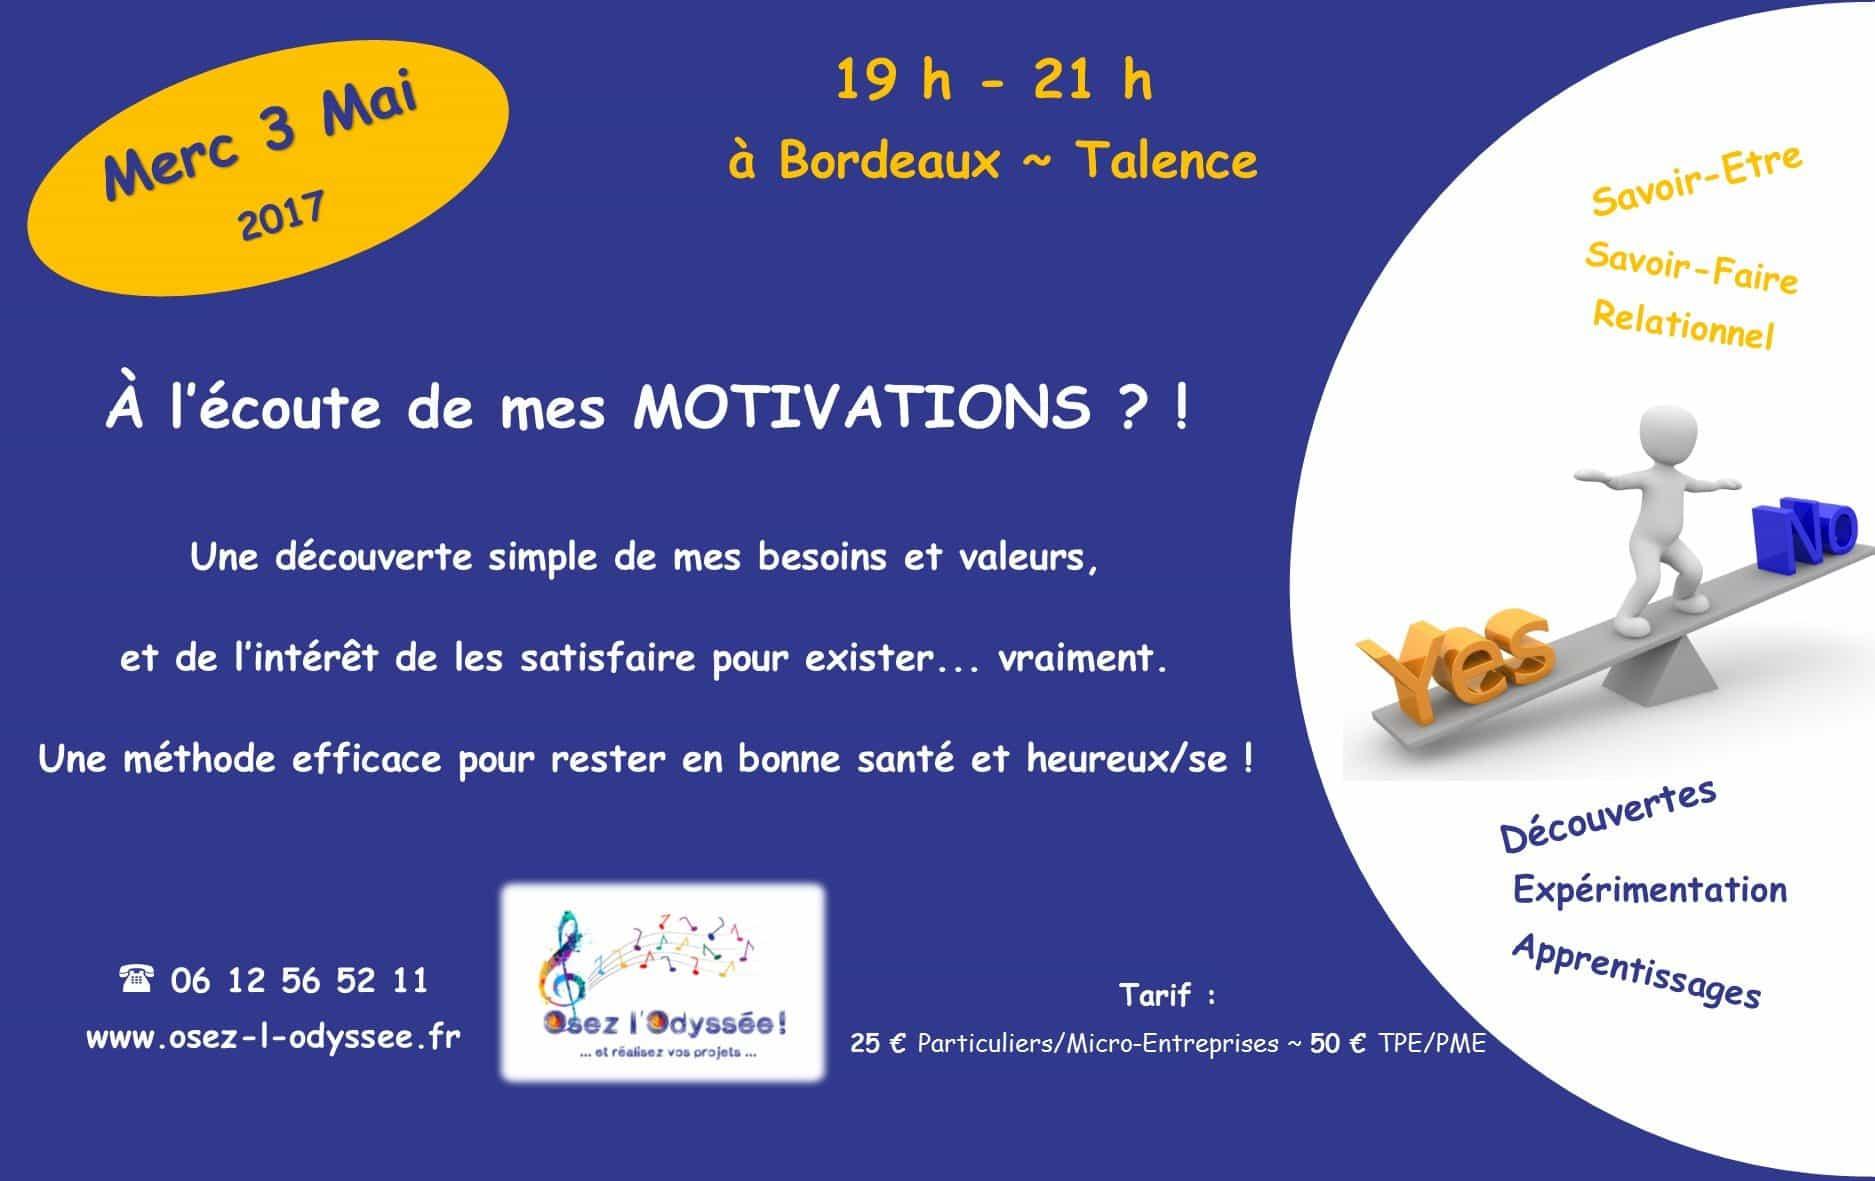 Atelier Coaching à Bordeaux 2017 Osez l'Odyssee Motivation et Besoins